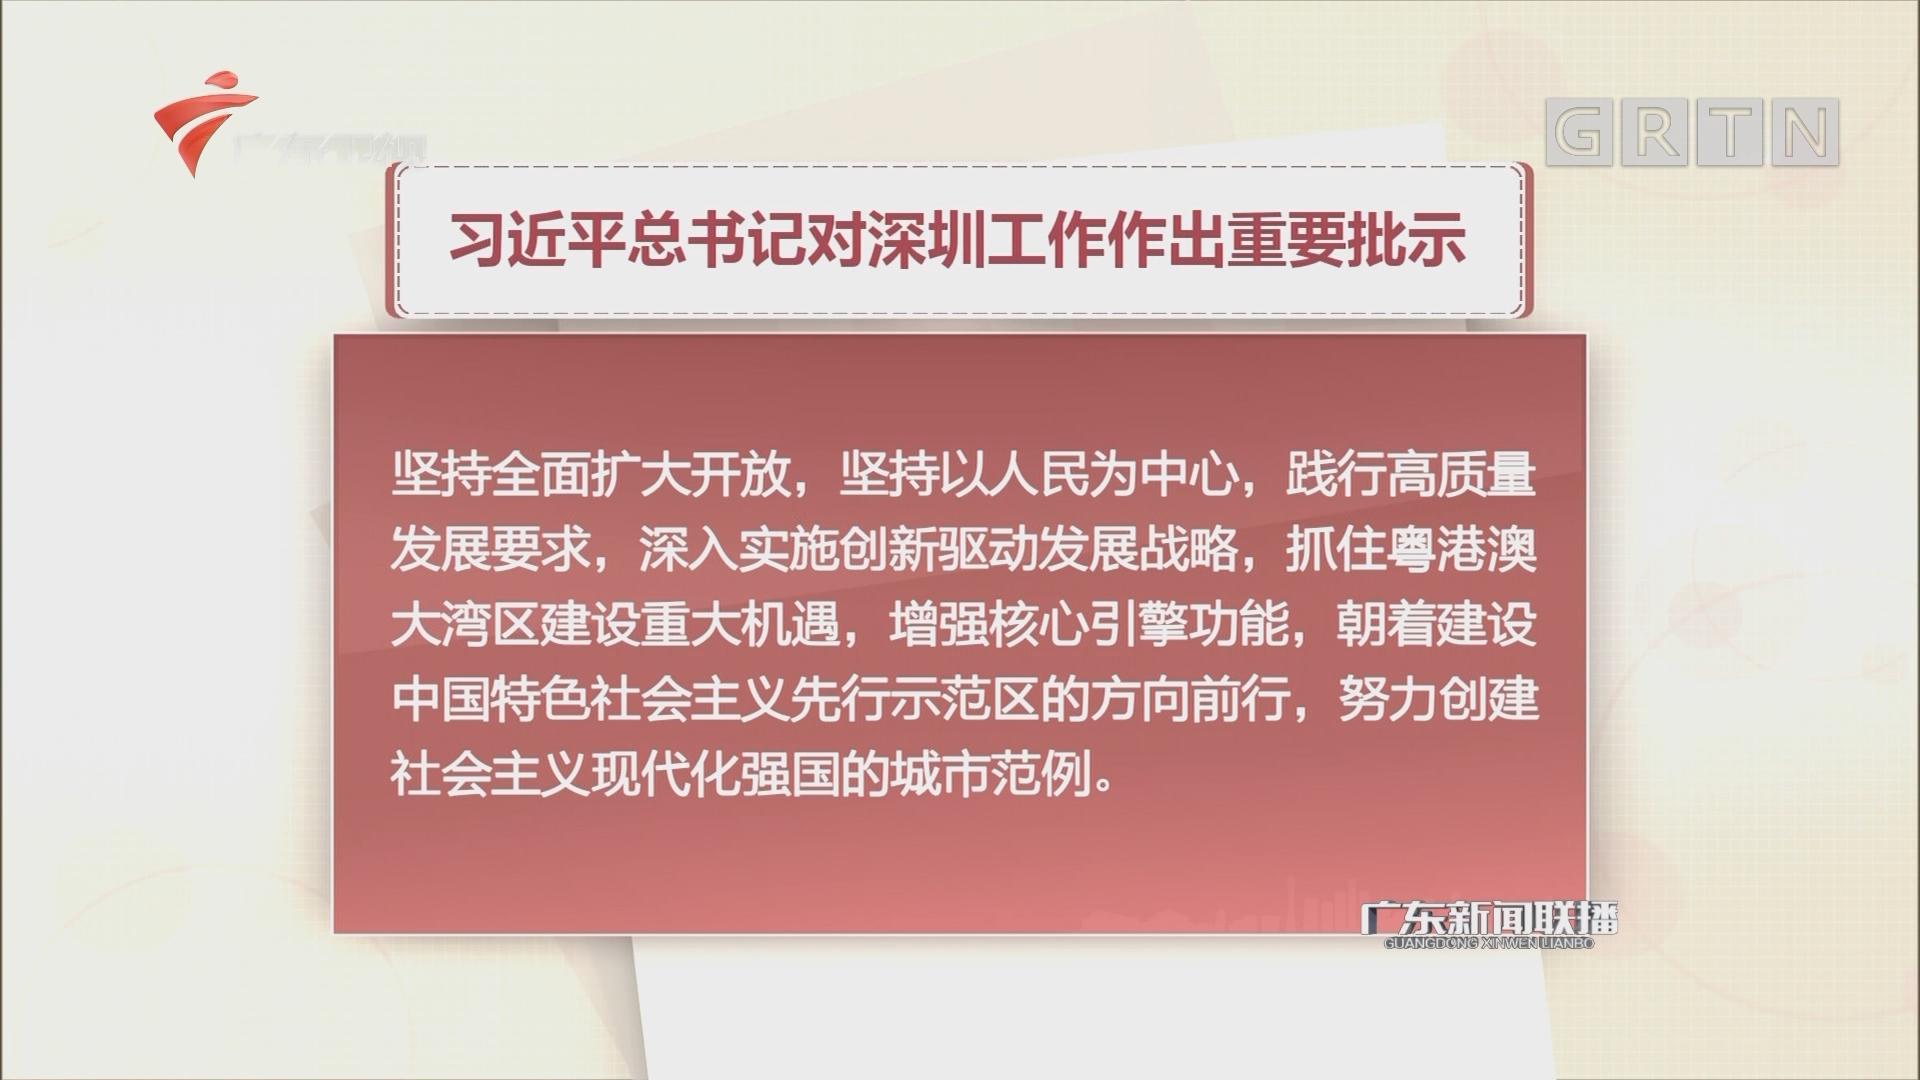 习近平总书记对深圳工作作出重要批示